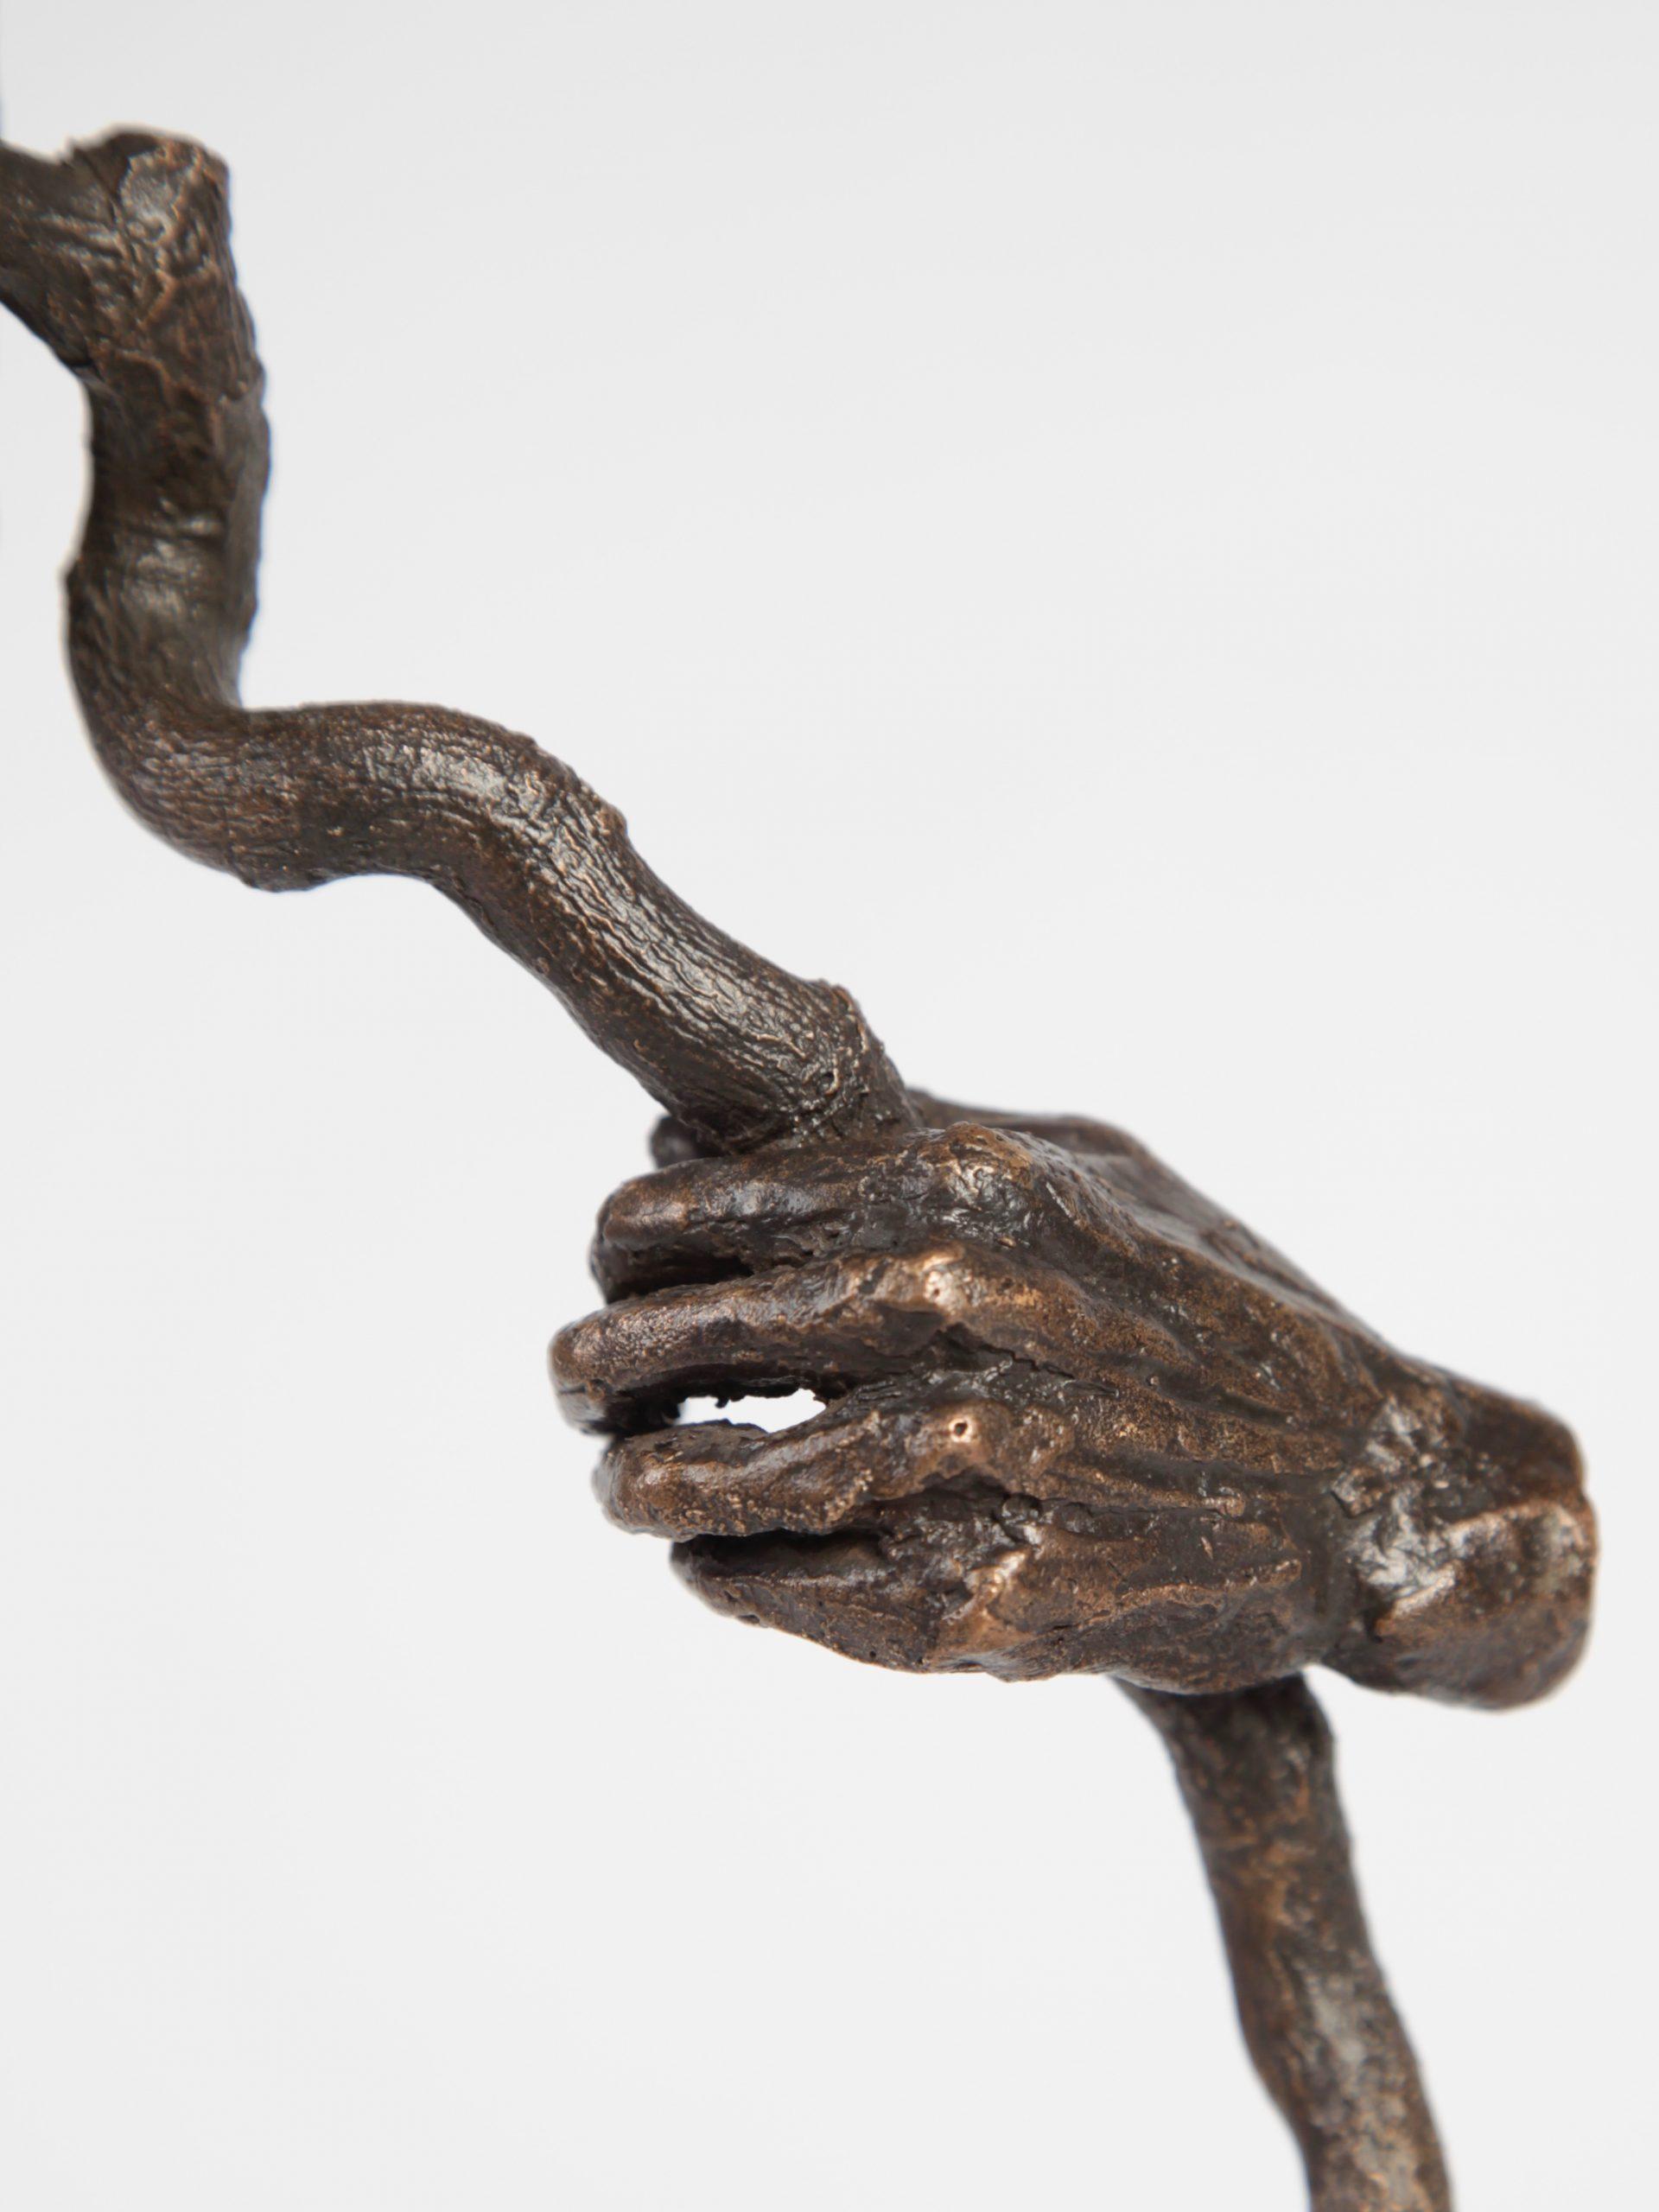 Grab Hold and Cherish